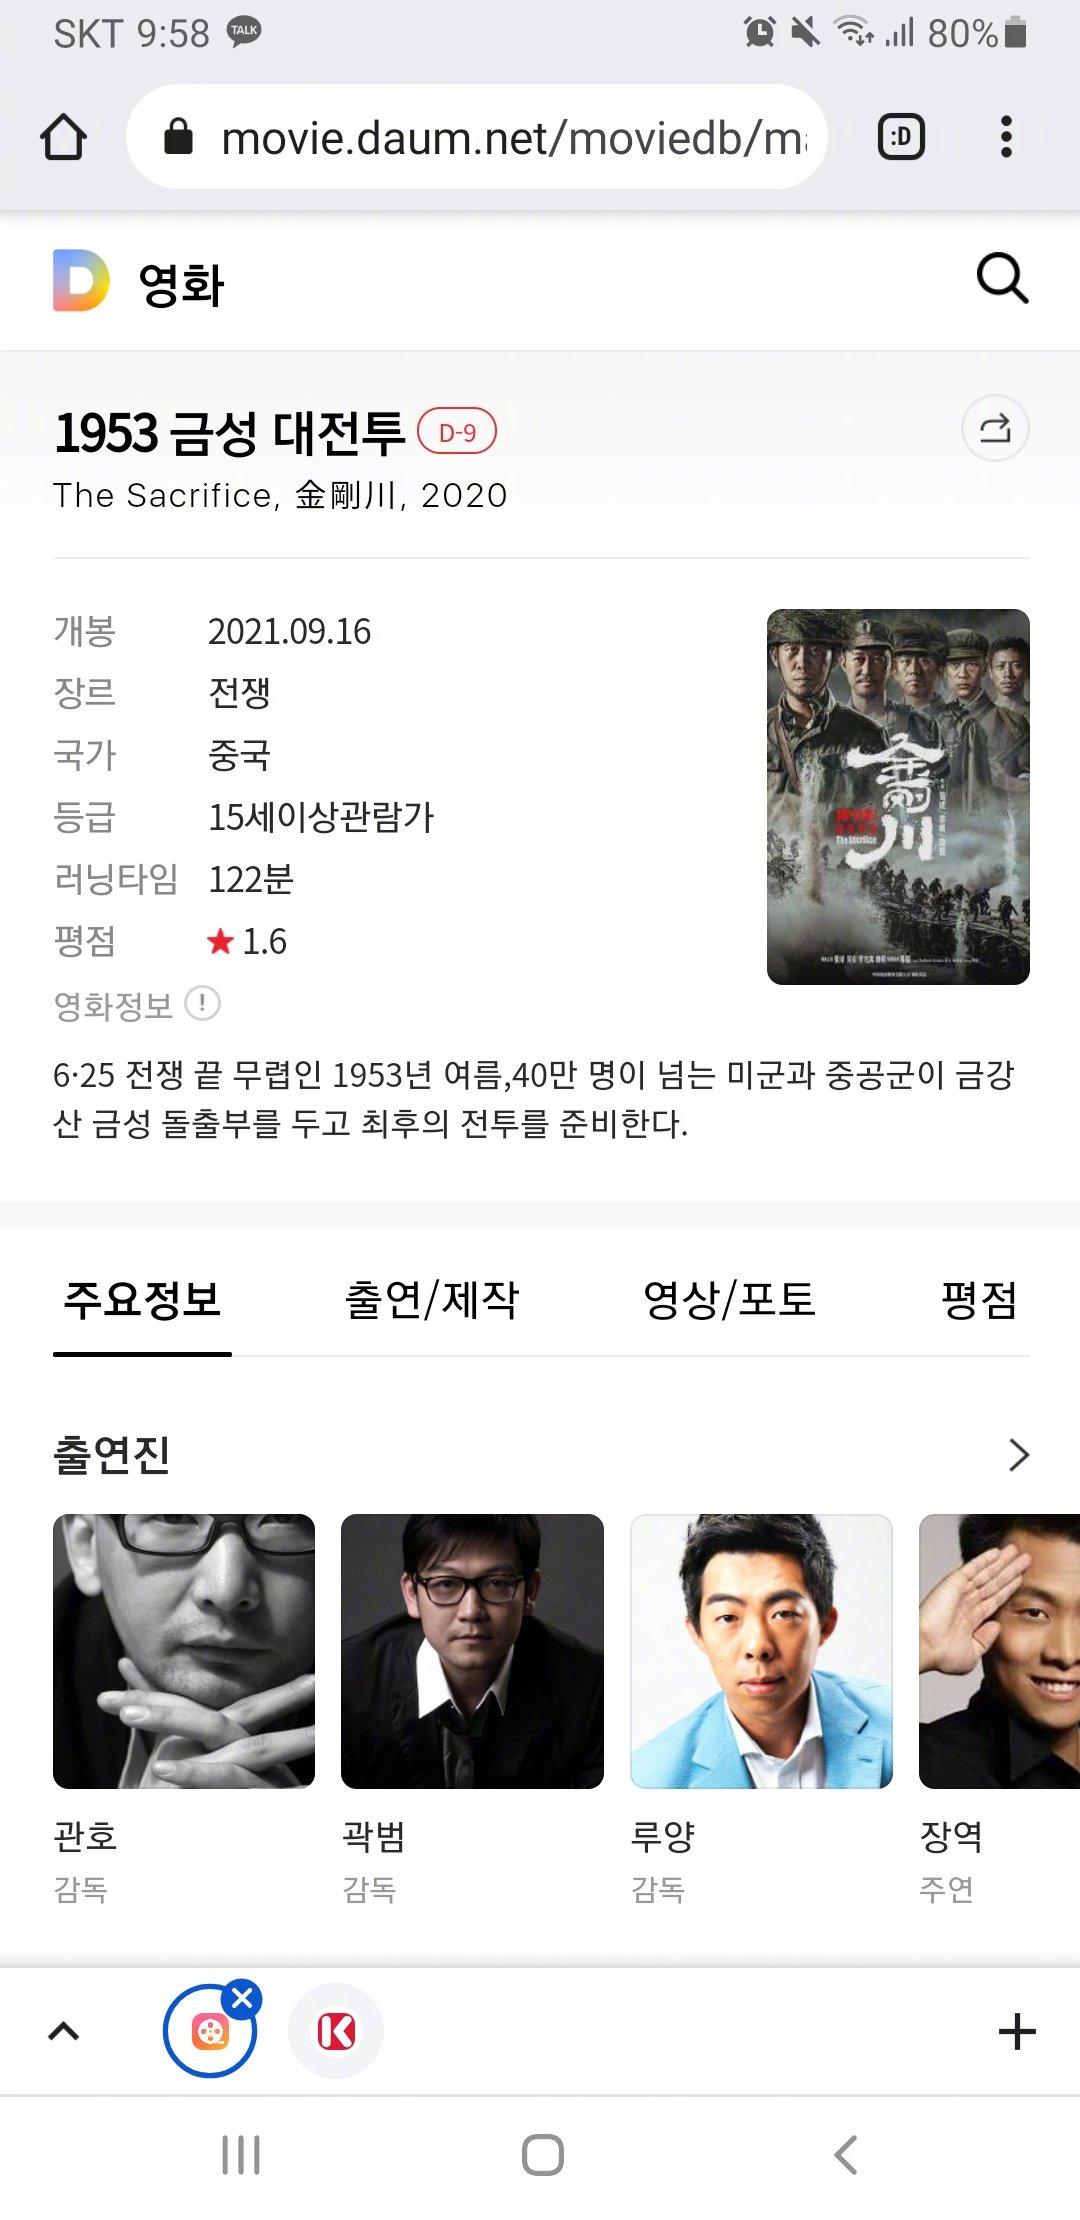 抗美援朝電影《金剛川》將在韓國上線 評級15+